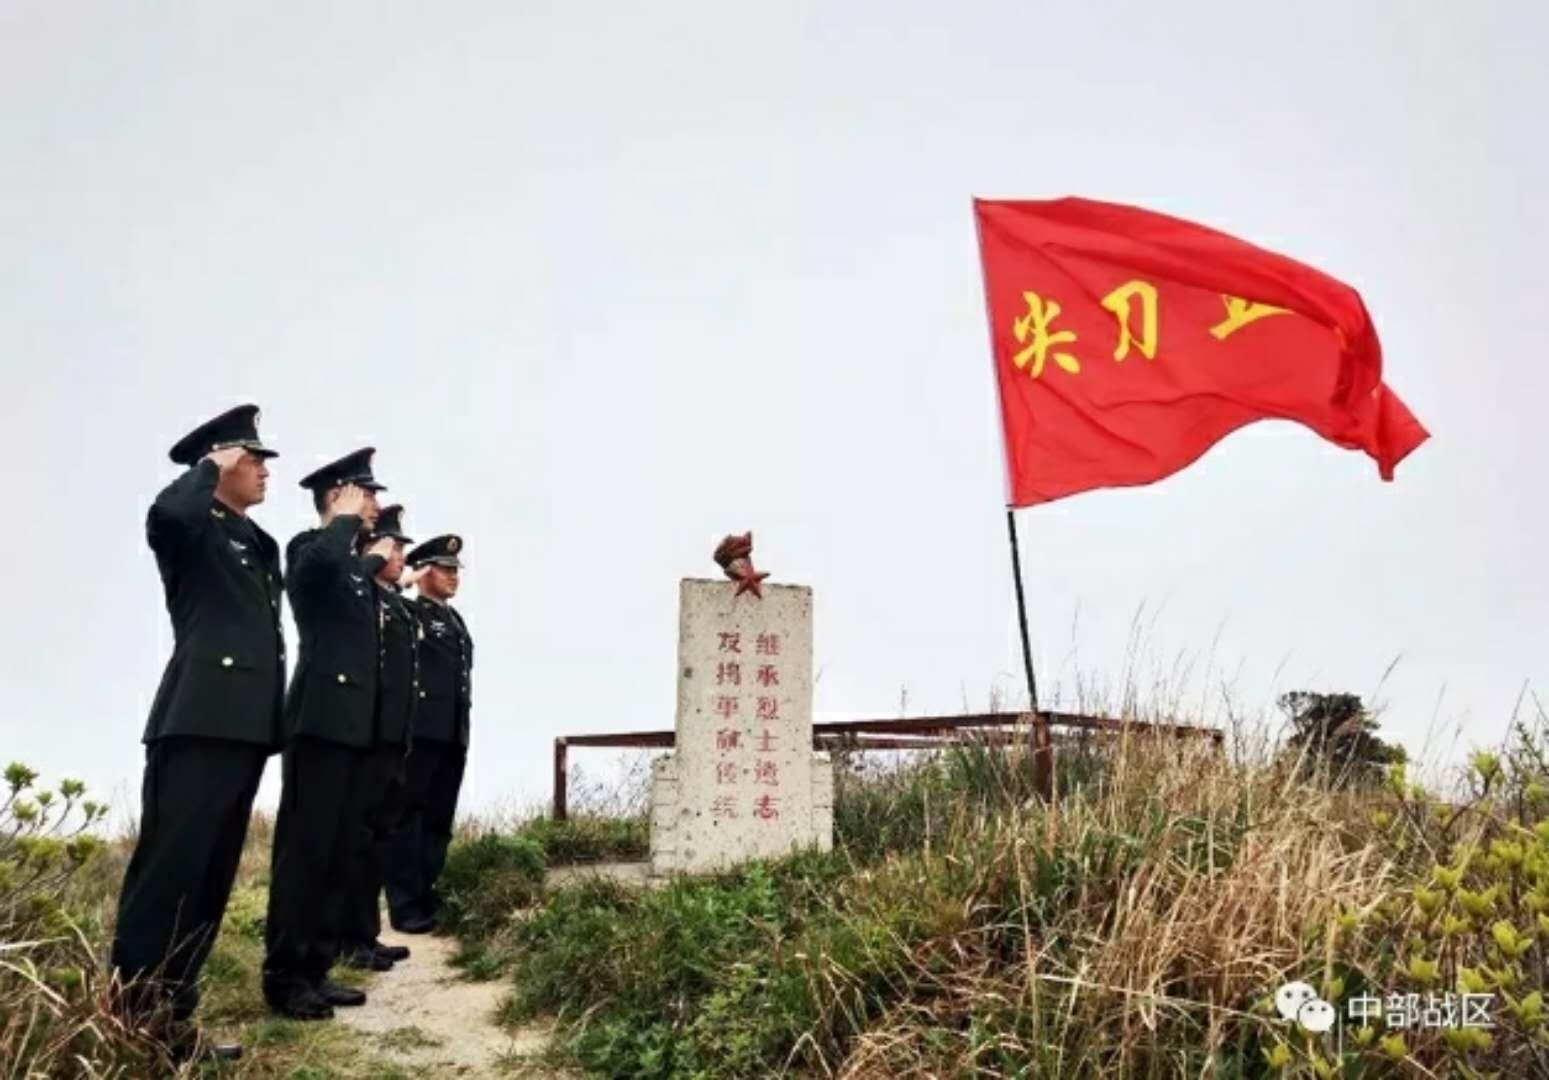 阳澄湖畔聆听抗战故事四明山下缅怀革命先烈